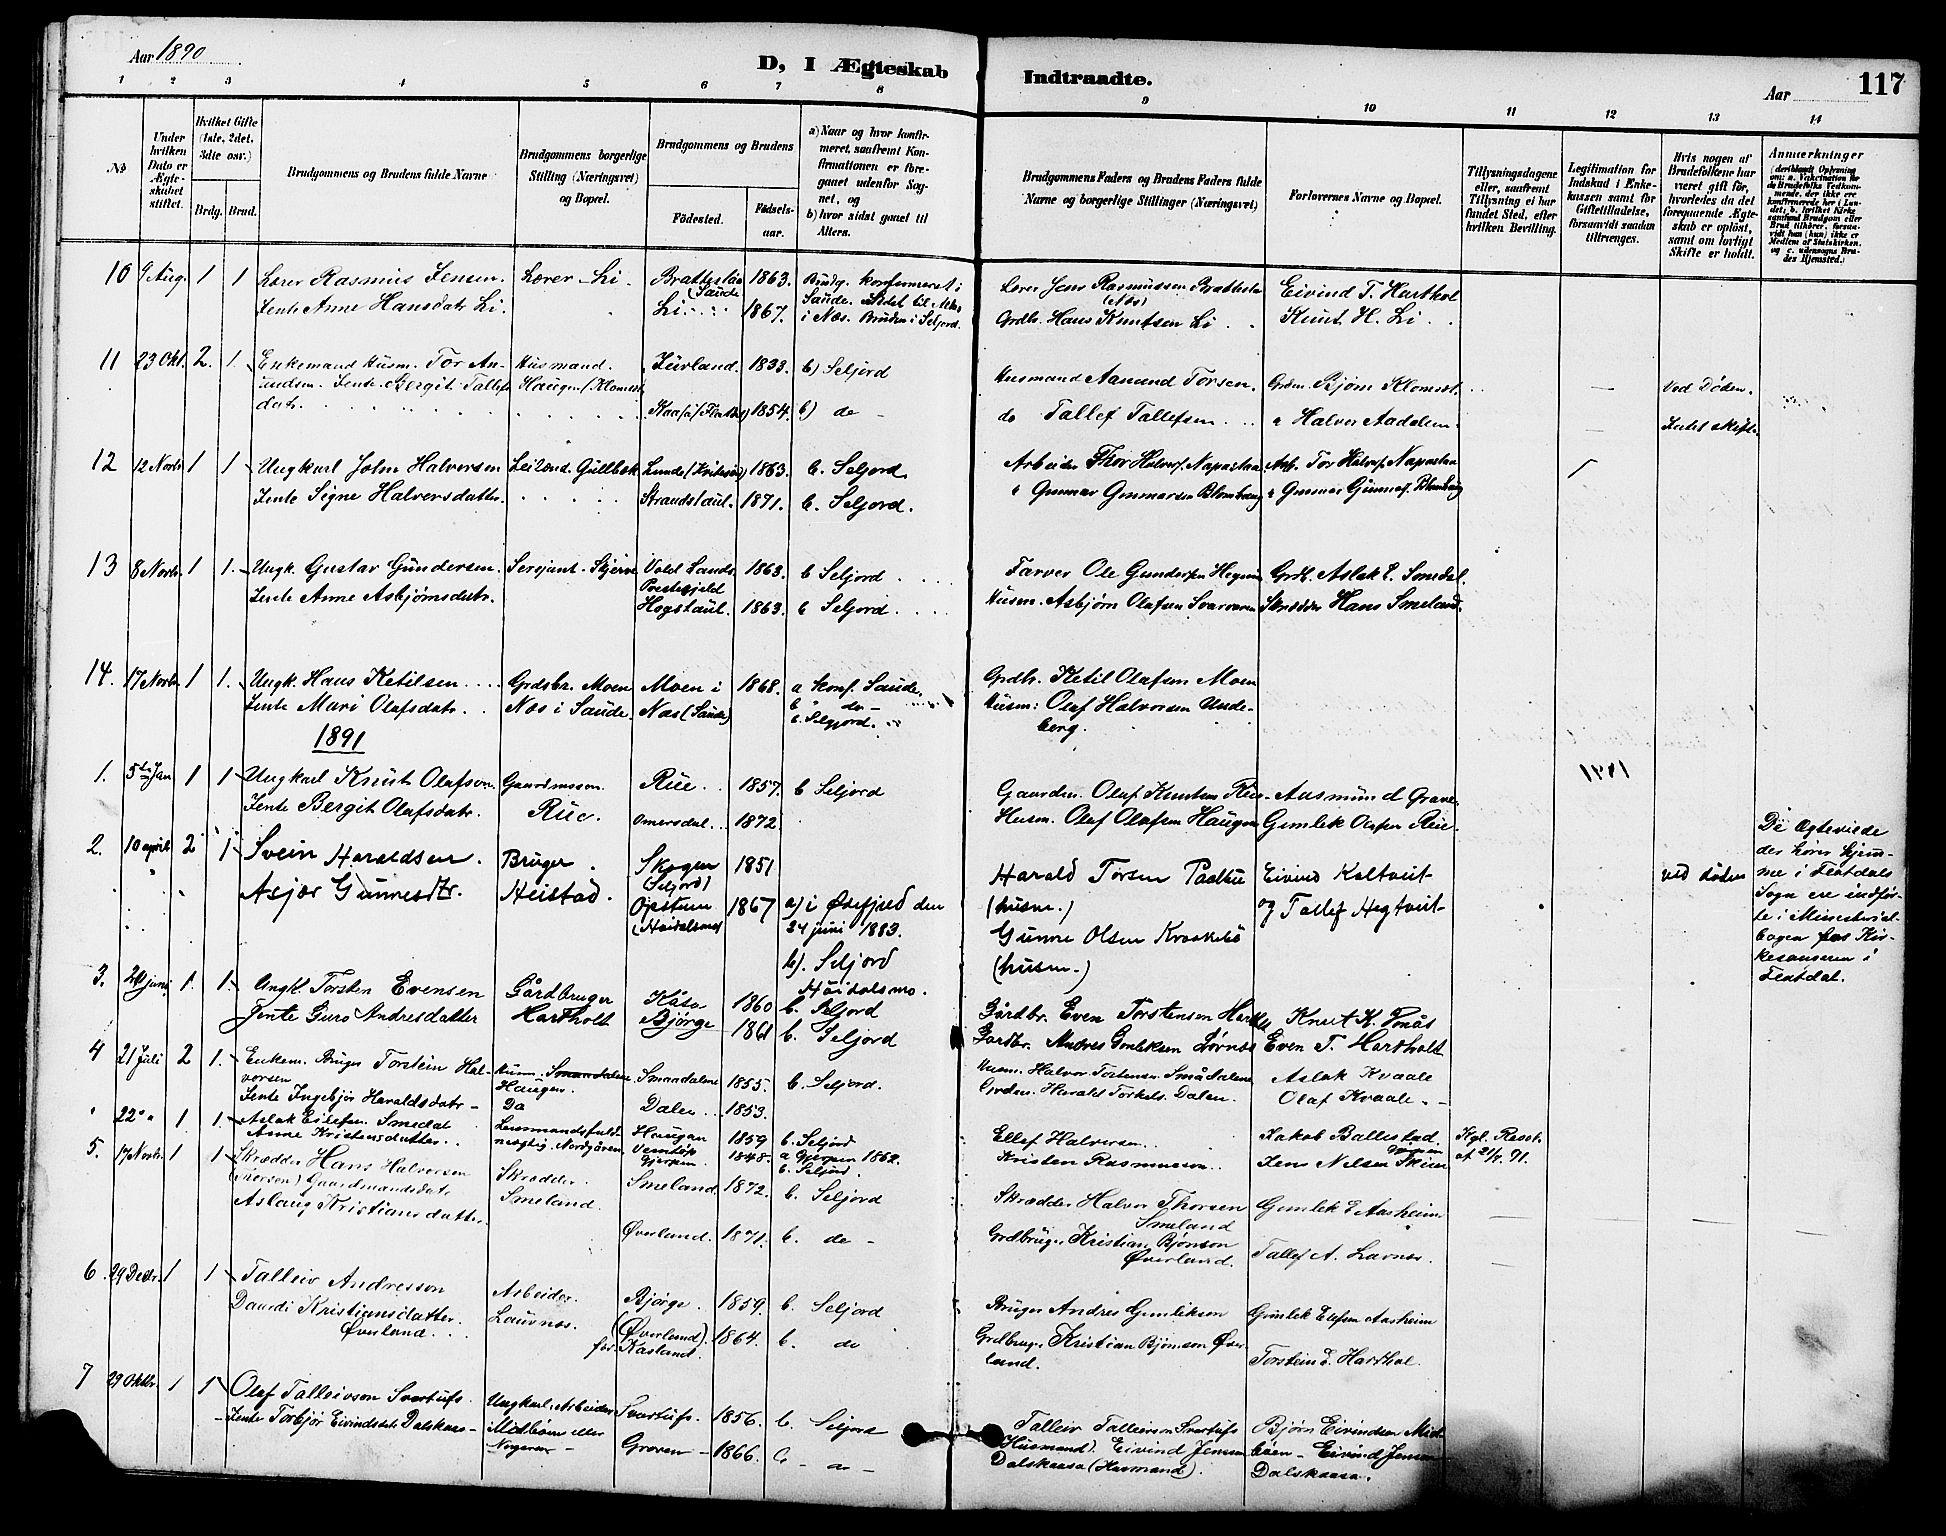 SAKO, Seljord kirkebøker, G/Ga/L0005: Klokkerbok nr. I 5, 1887-1914, s. 117